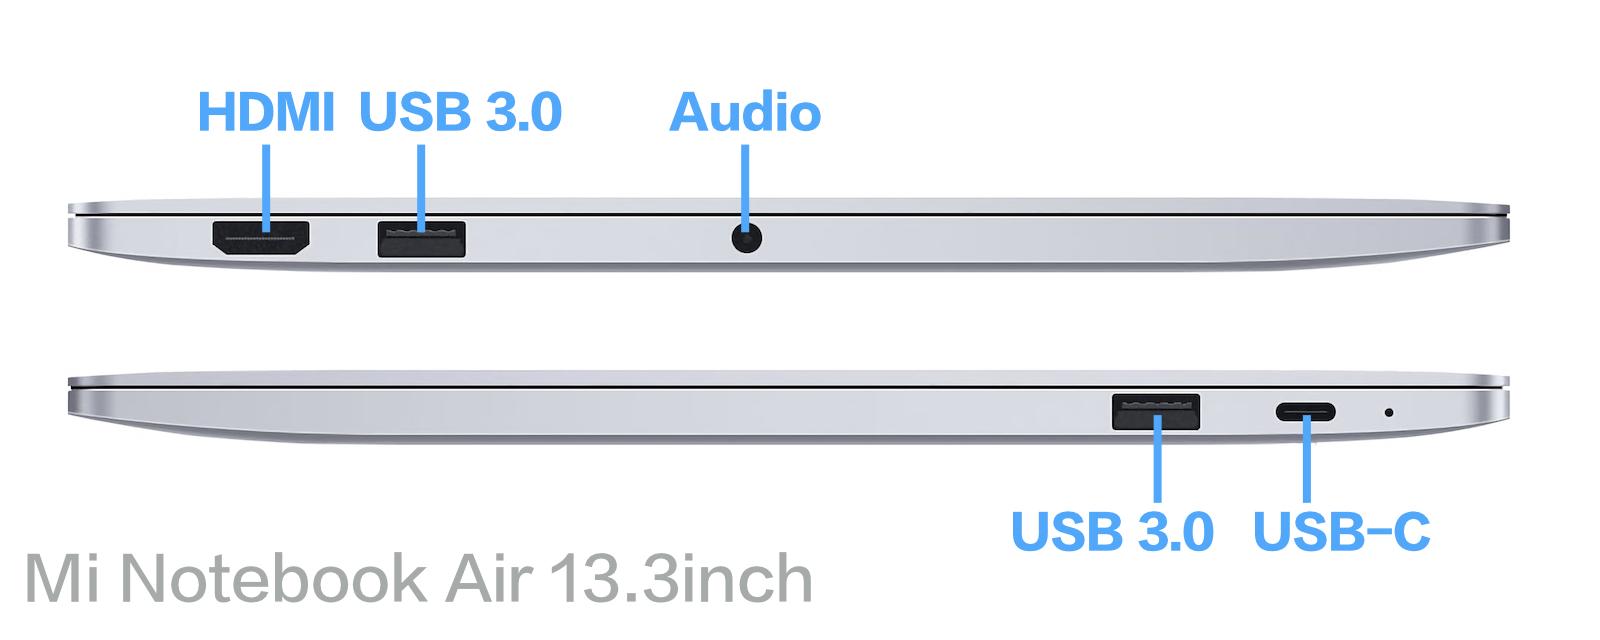 xiaomi-mi-notebook-air-fight-macbook-13-3inch-port-2